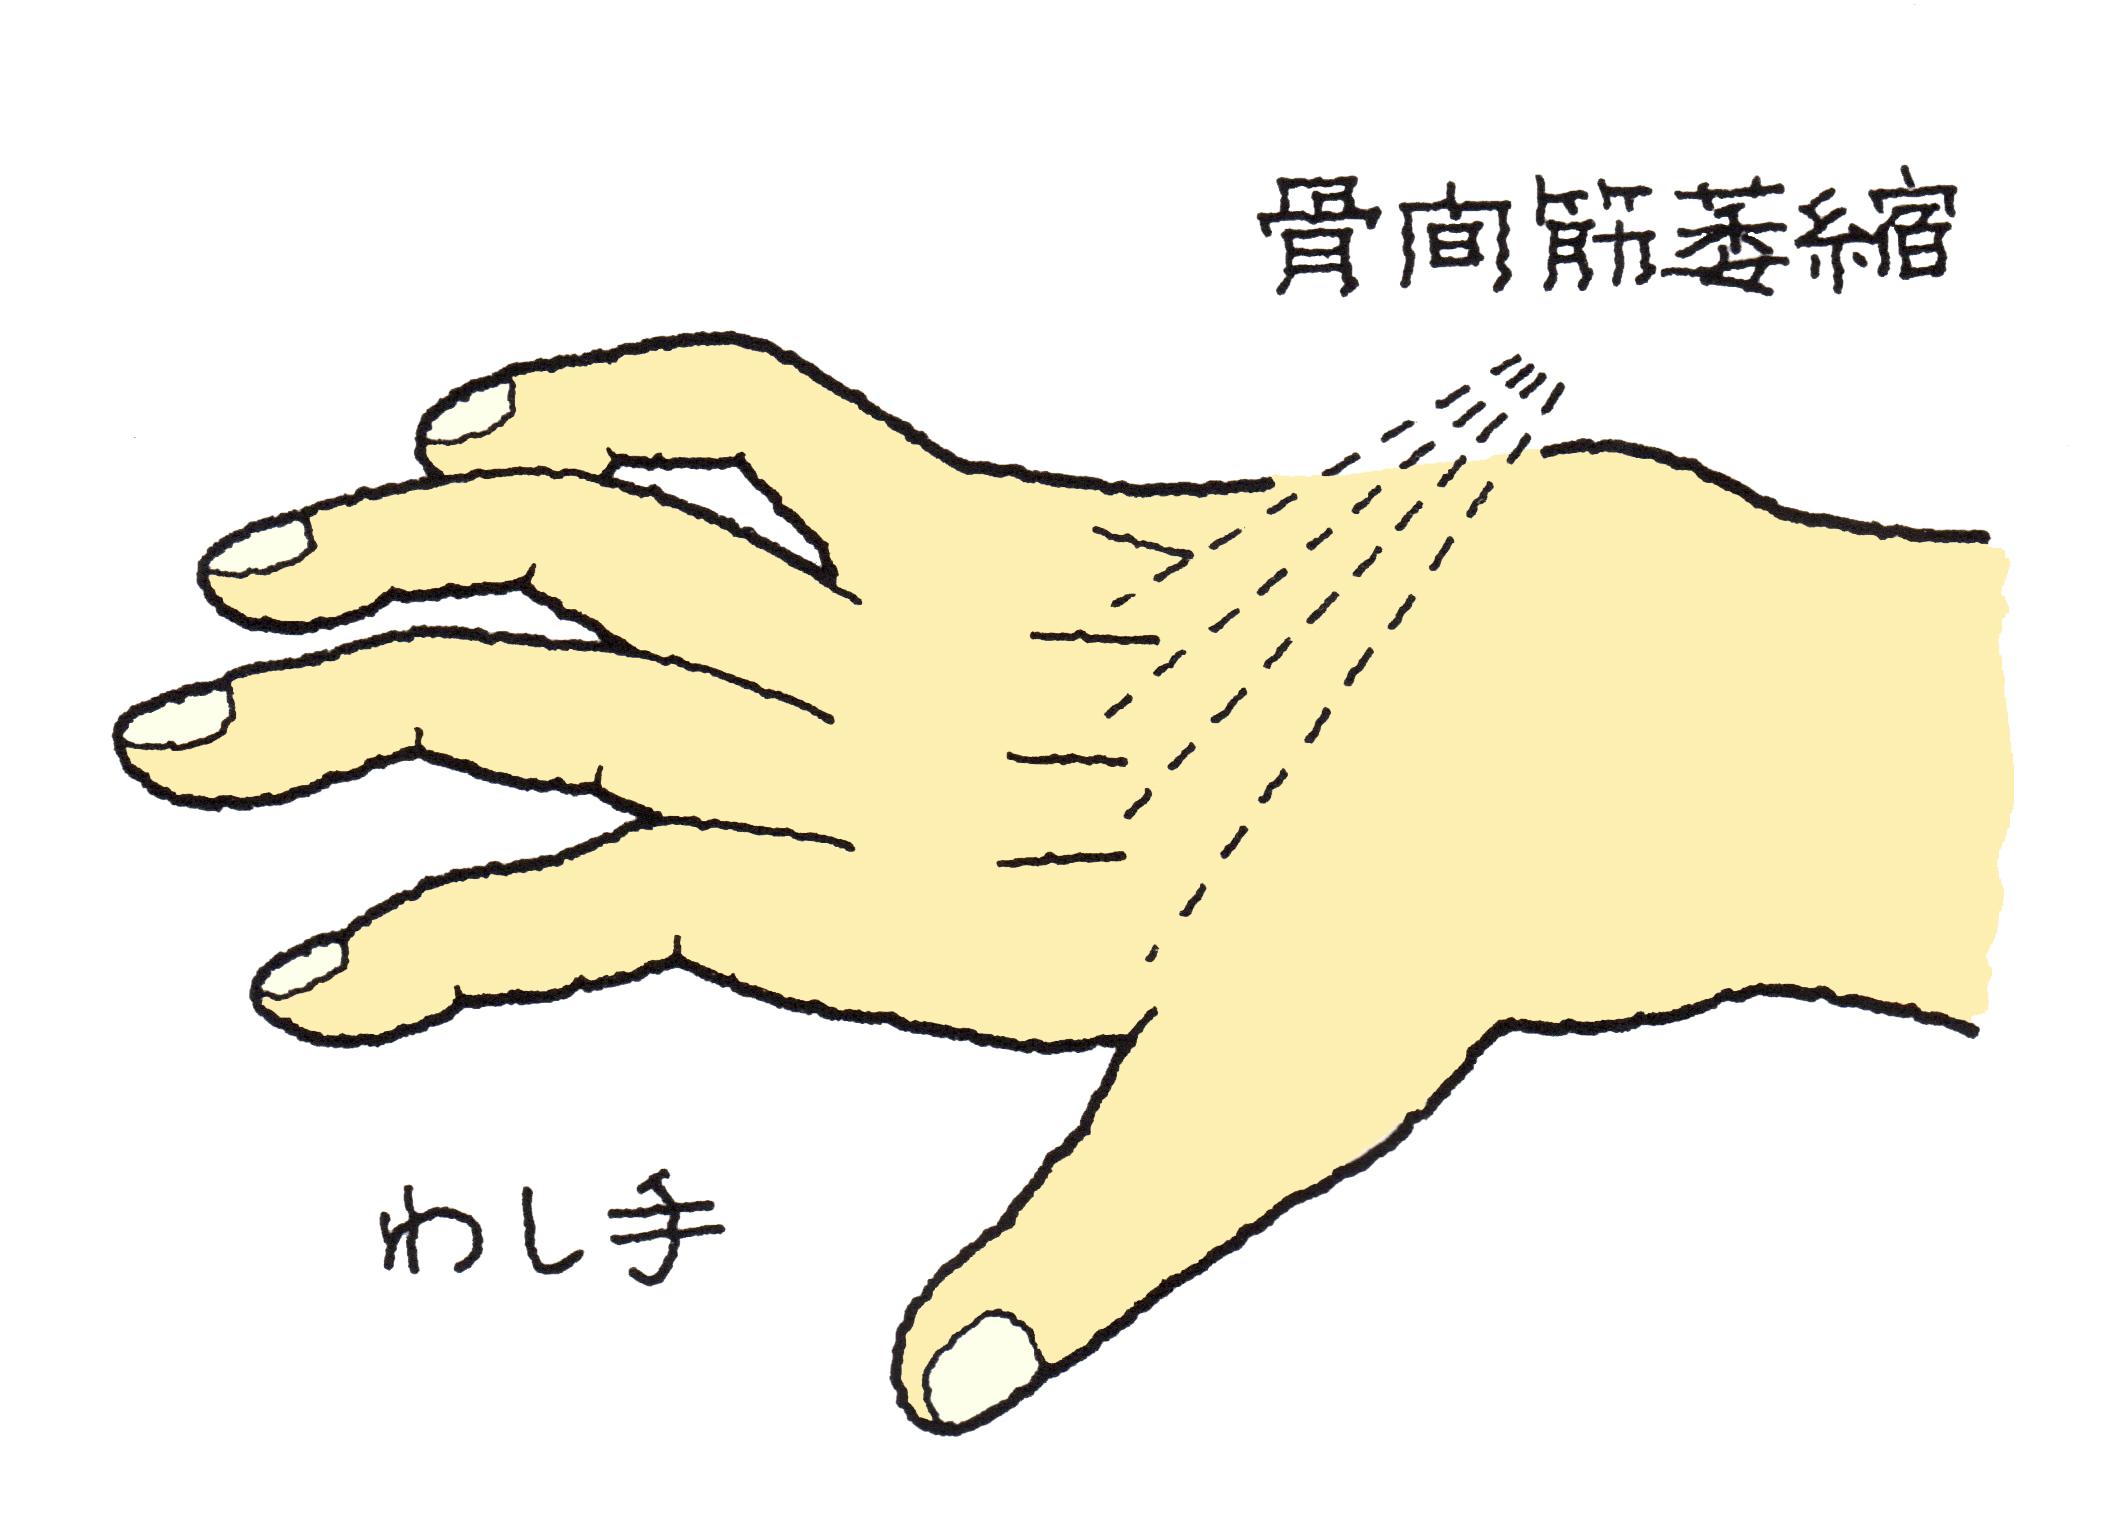 尺骨神経麻痺 (しゃくこつしん...